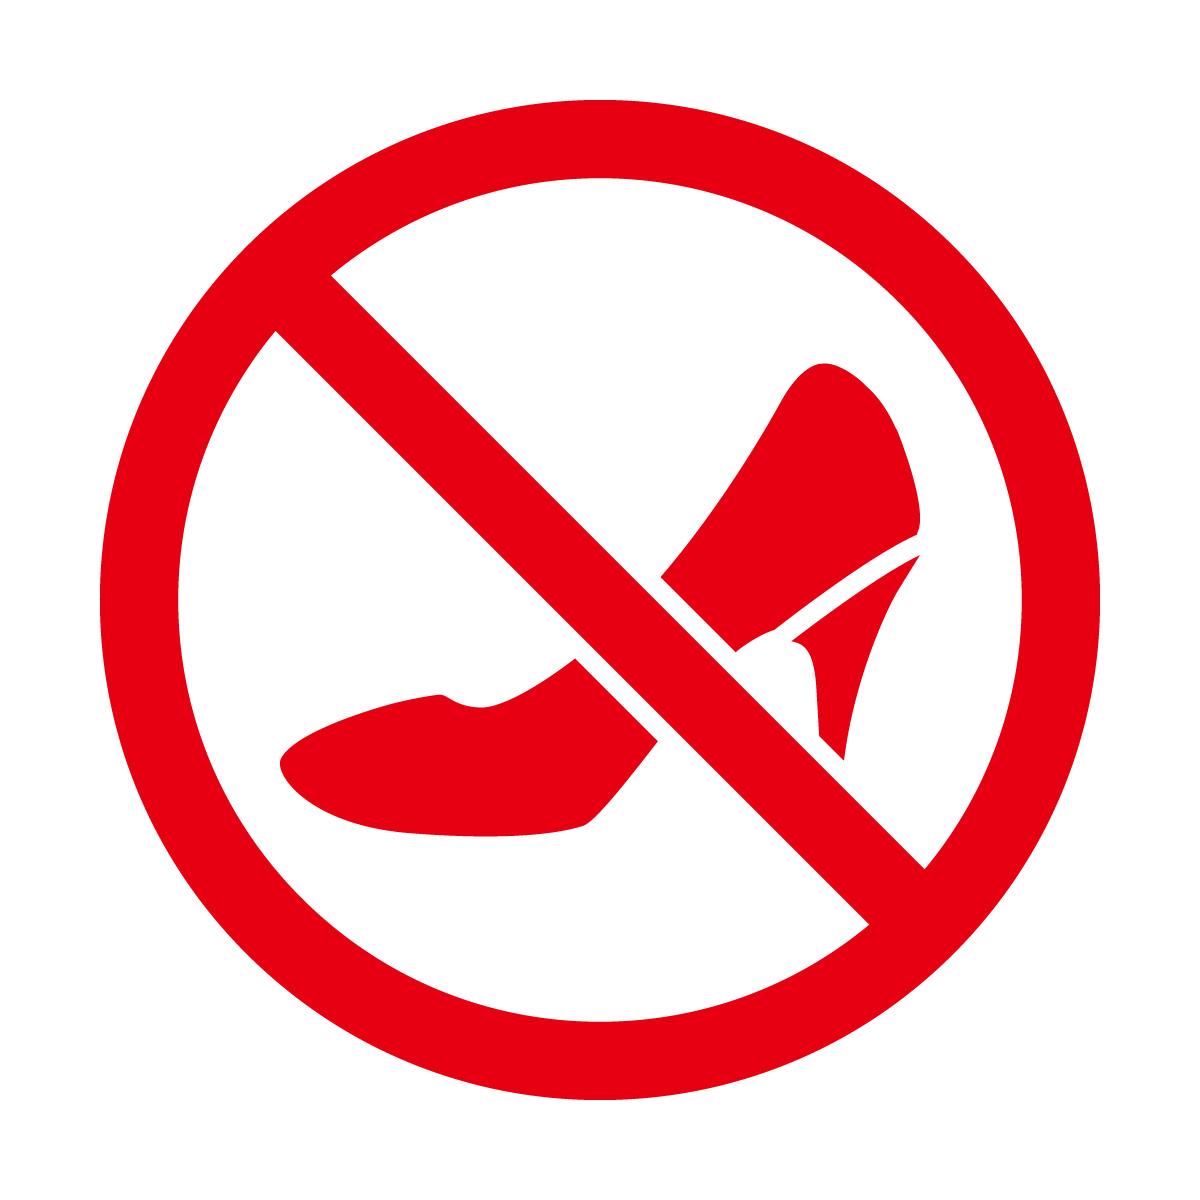 赤色のハイヒール着用・使用禁止マークのカッティングステッカー・シール 光沢タイプ・防水・耐水・屋外耐候3~4年